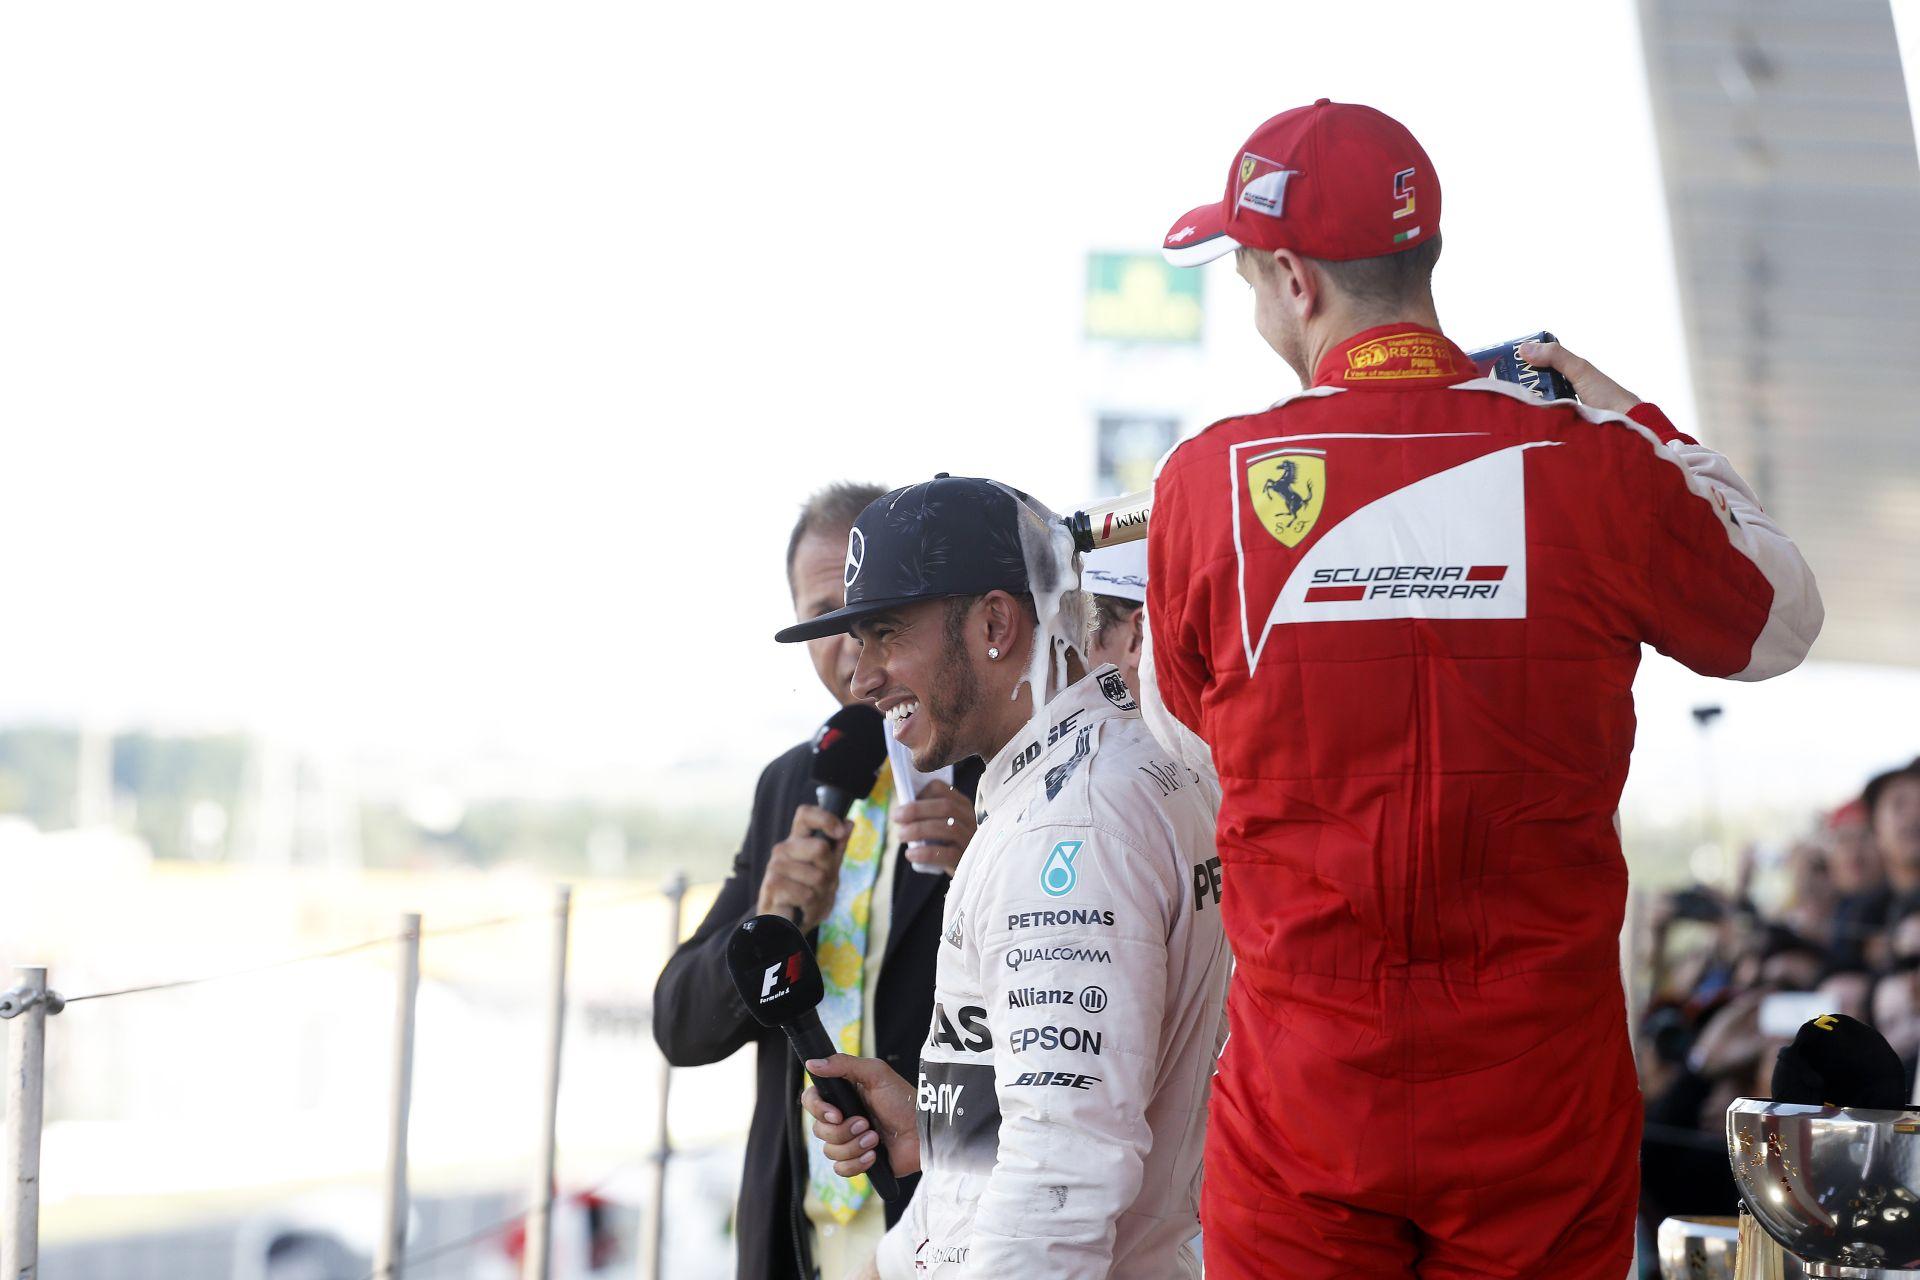 Vettel: Folyamatosan emeljük a tétet! 2016 elején már ott akarunk lenni a Mercedes nyakán!